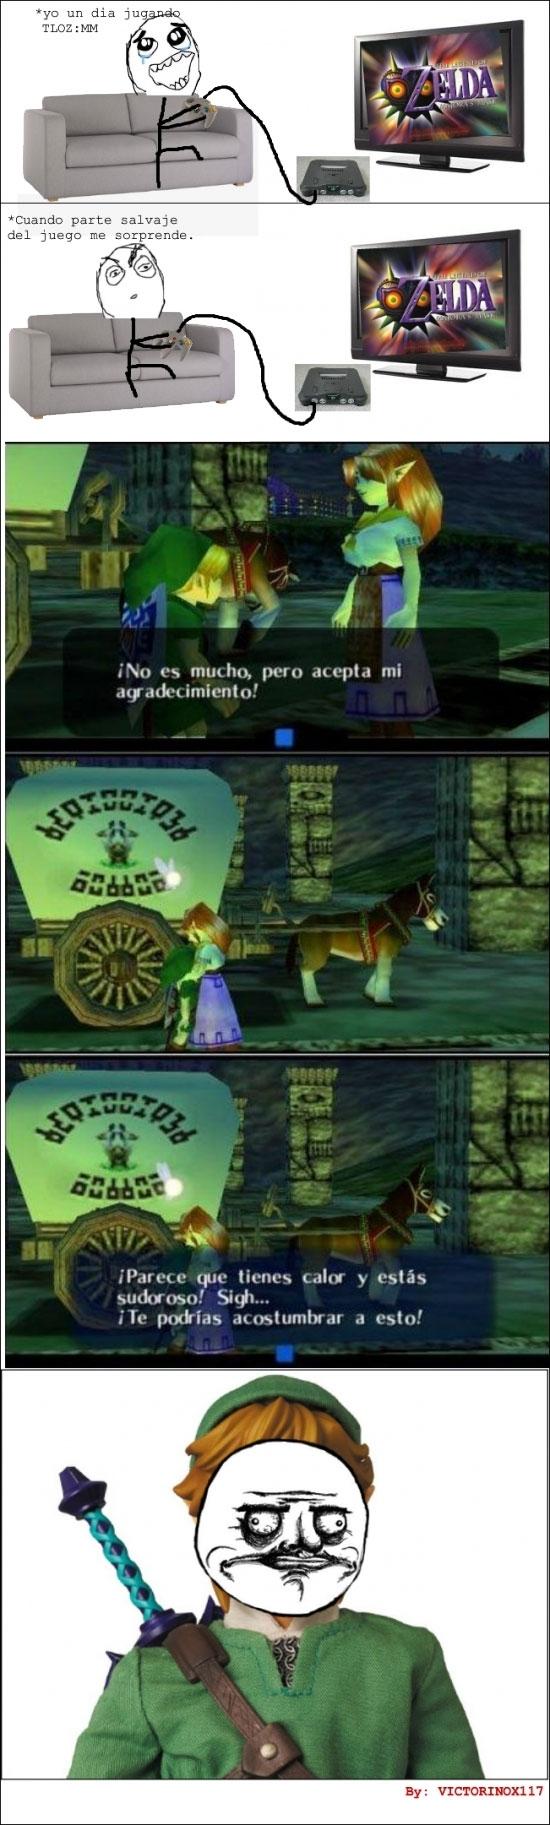 Me_gusta - A Link le gusta, como a todos